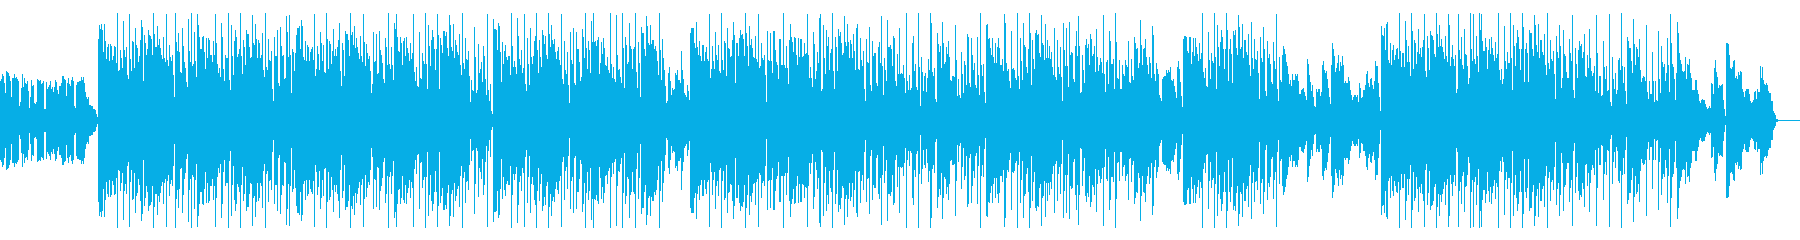 涼しいビート・スタイリッシュ・スマートの再生済みの波形